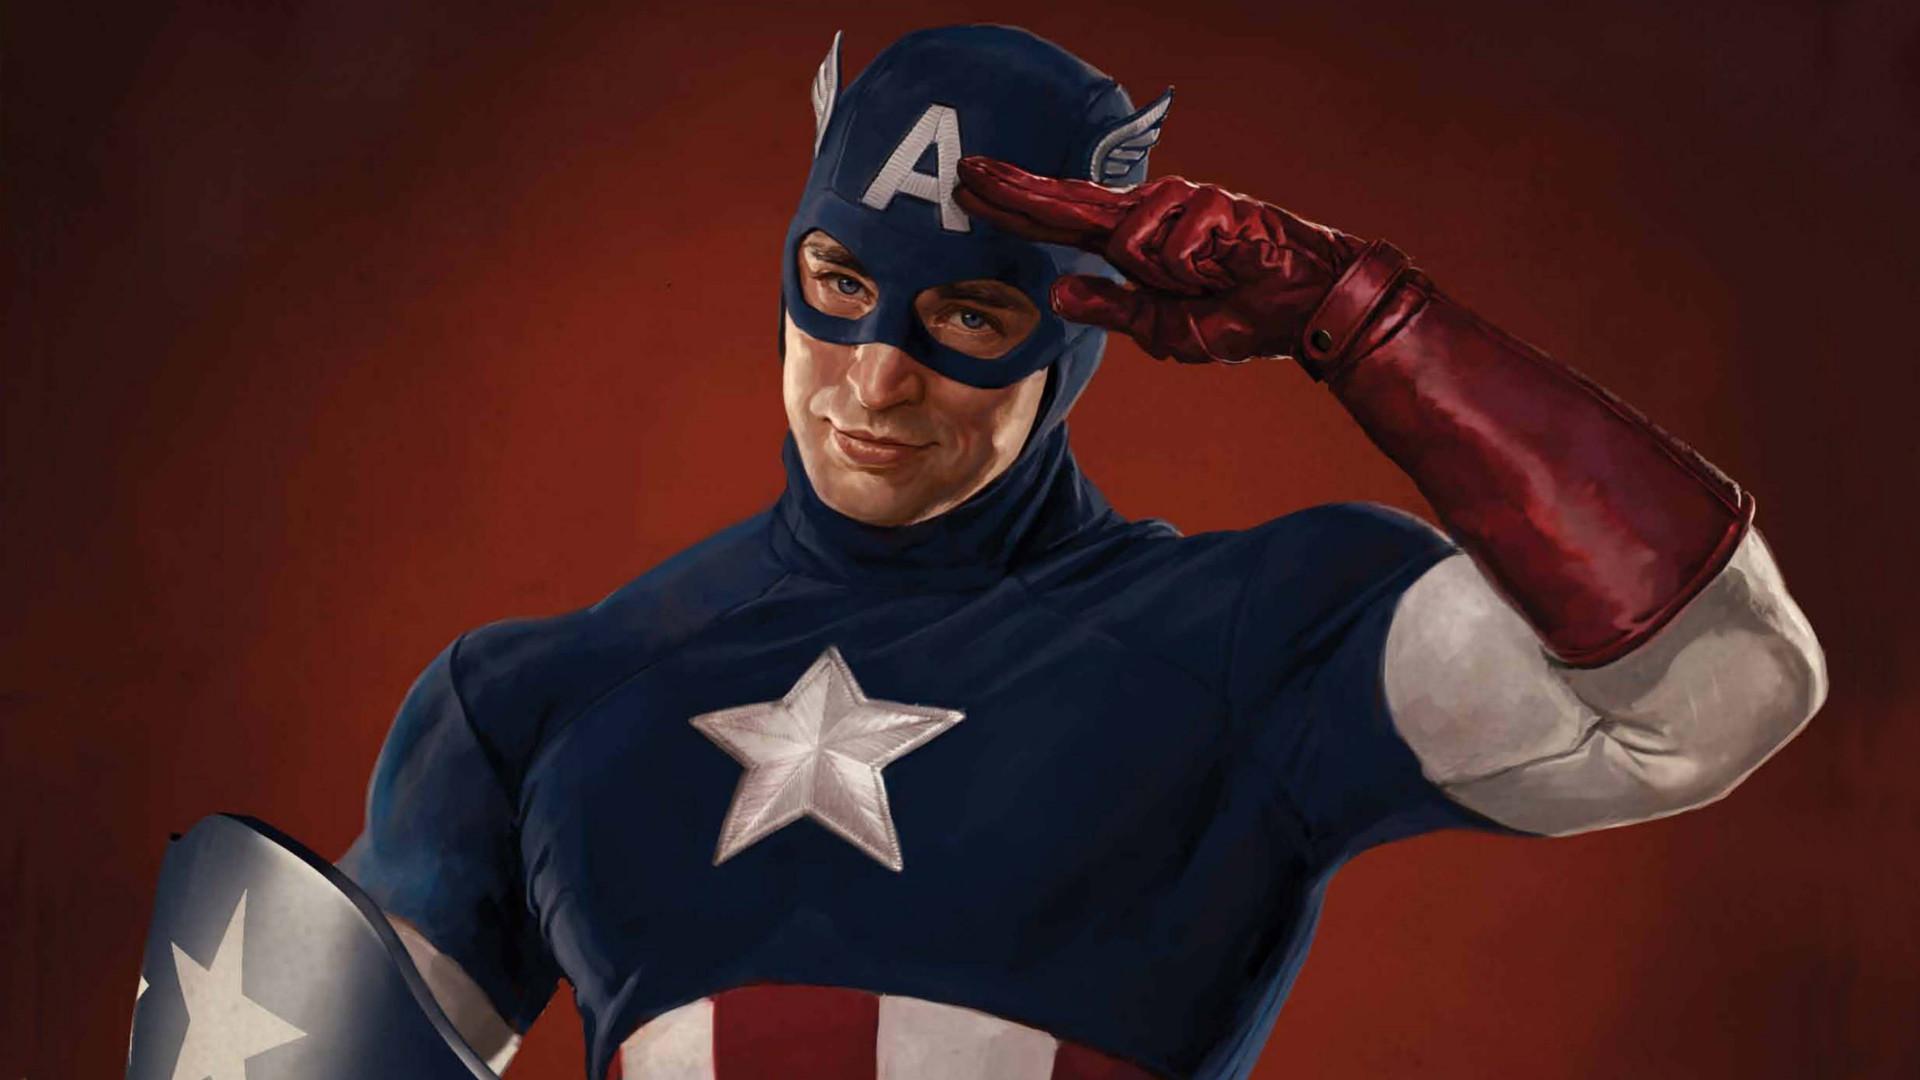 Captain america the first avenger superhero f wallpaper - Image captain america ...